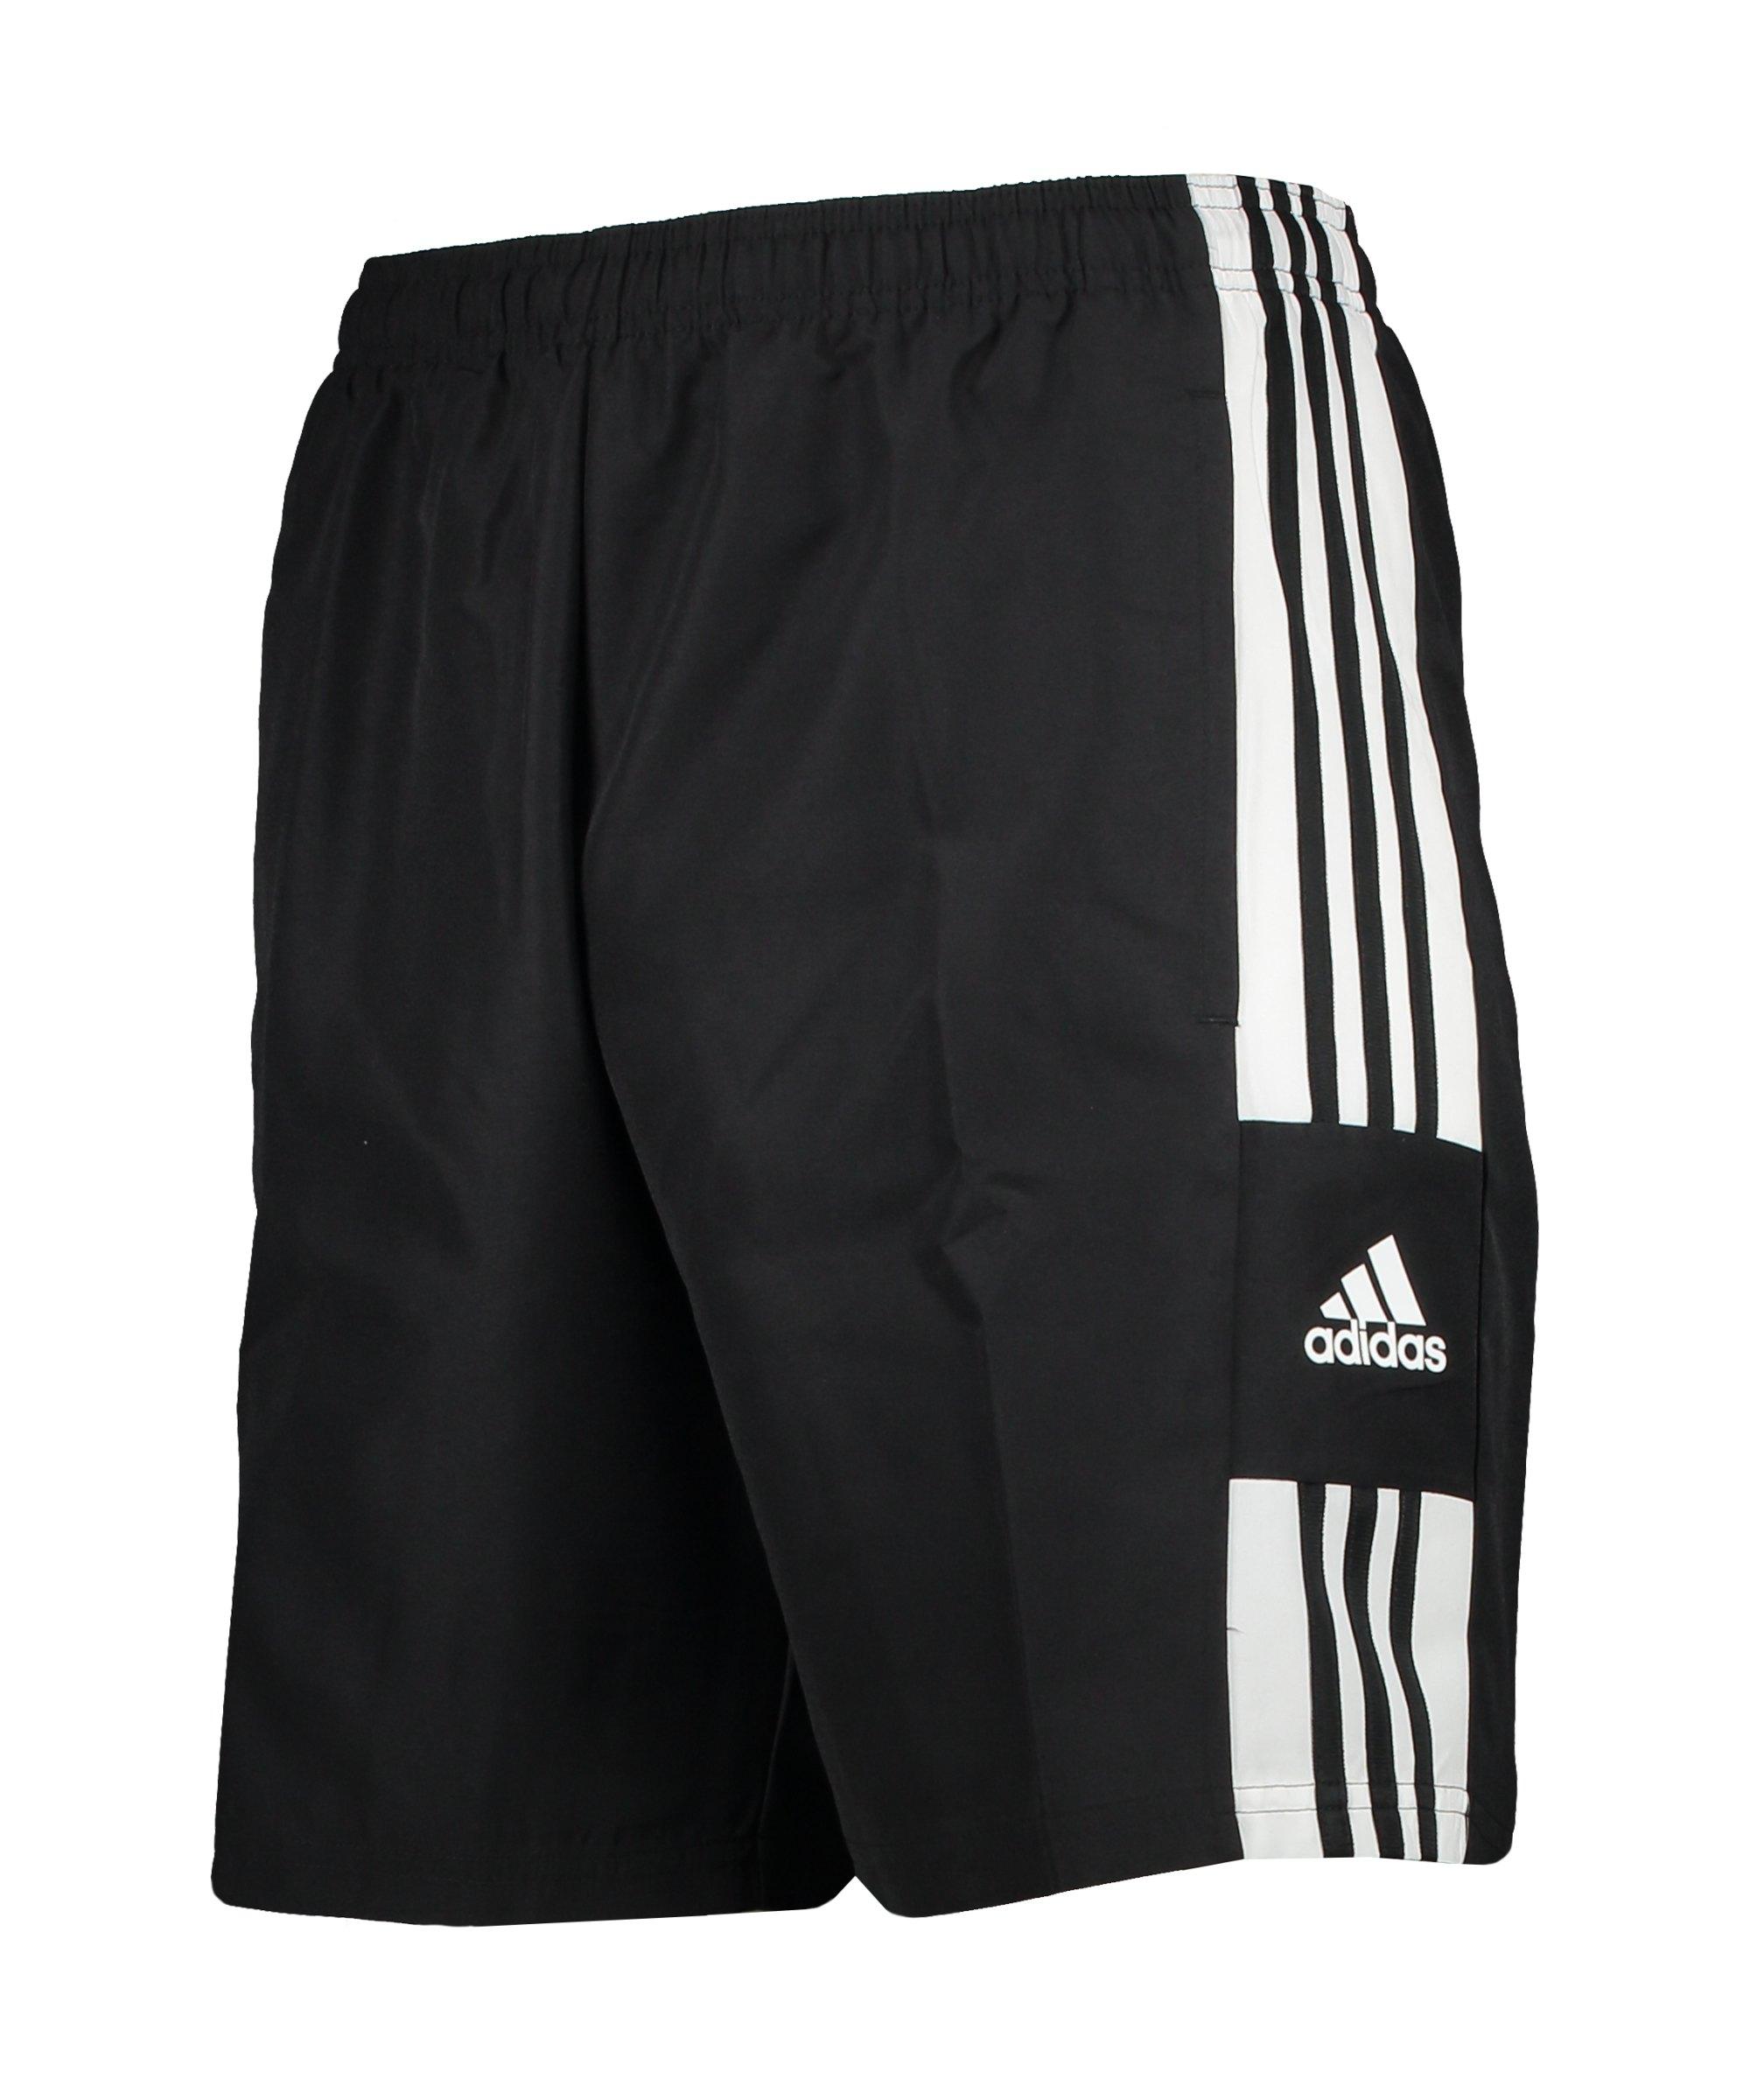 adidas Squadra 21 DT Short Schwarz Weiss - schwarz